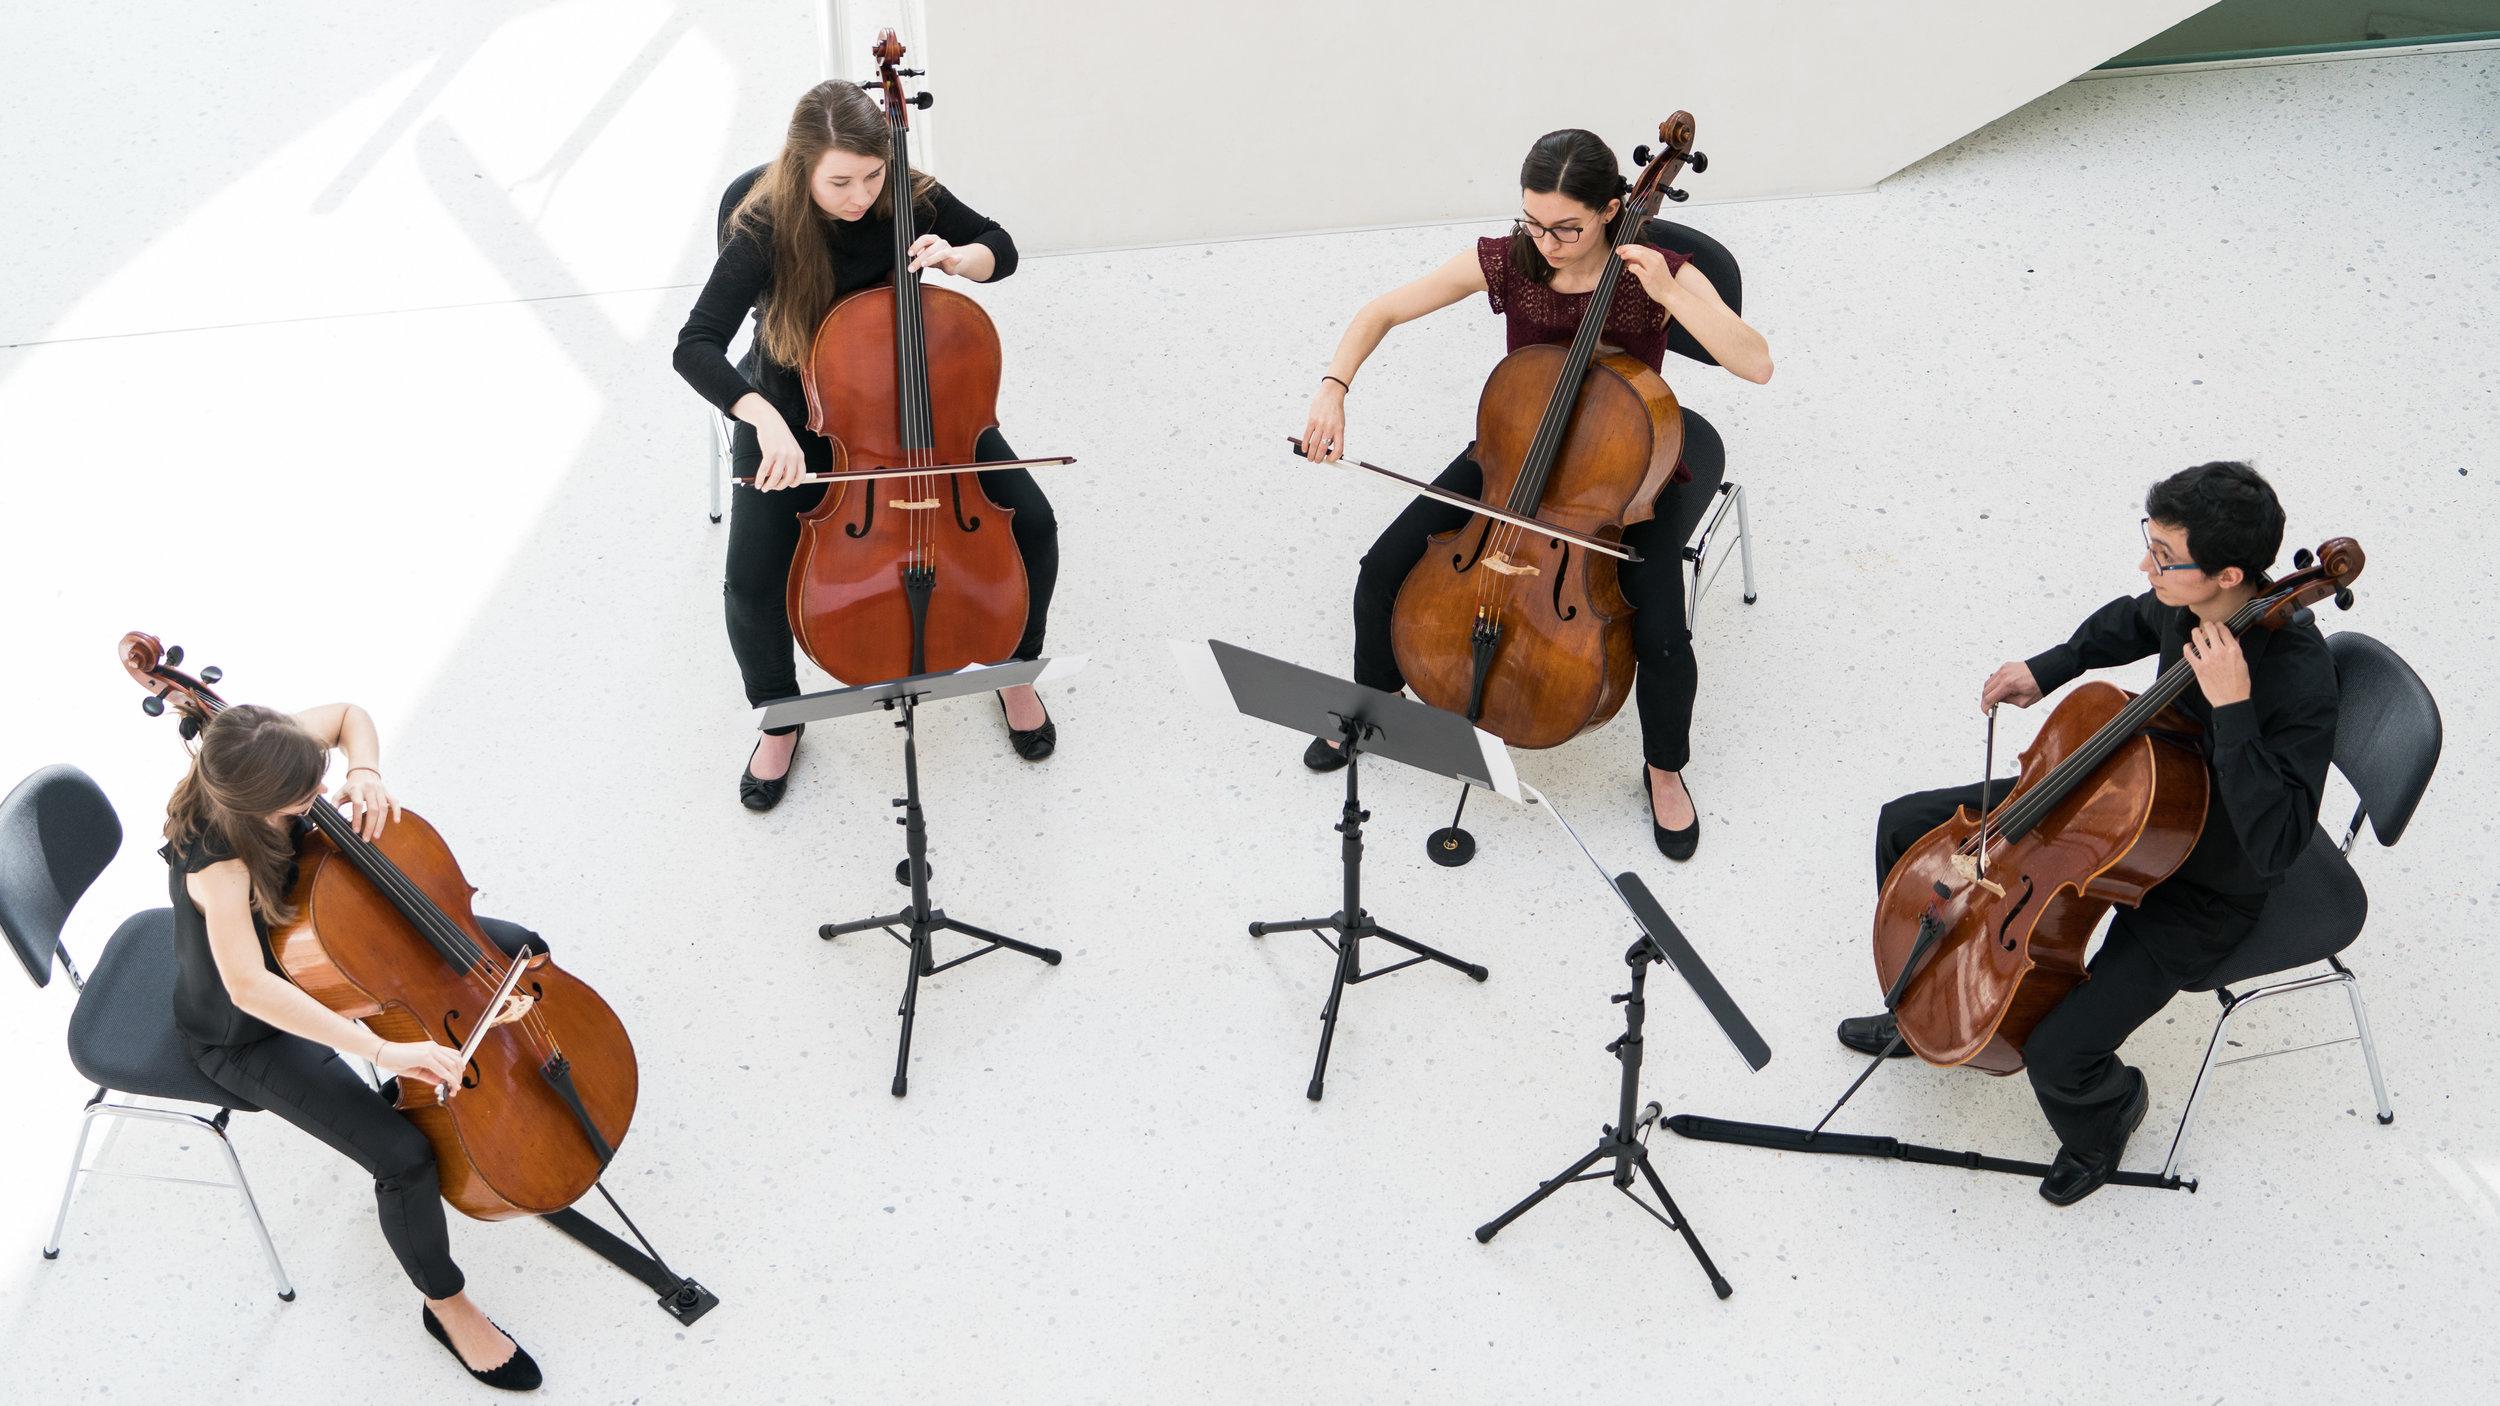 Konzert am Mittag - Cello20180206_019-036.jpg